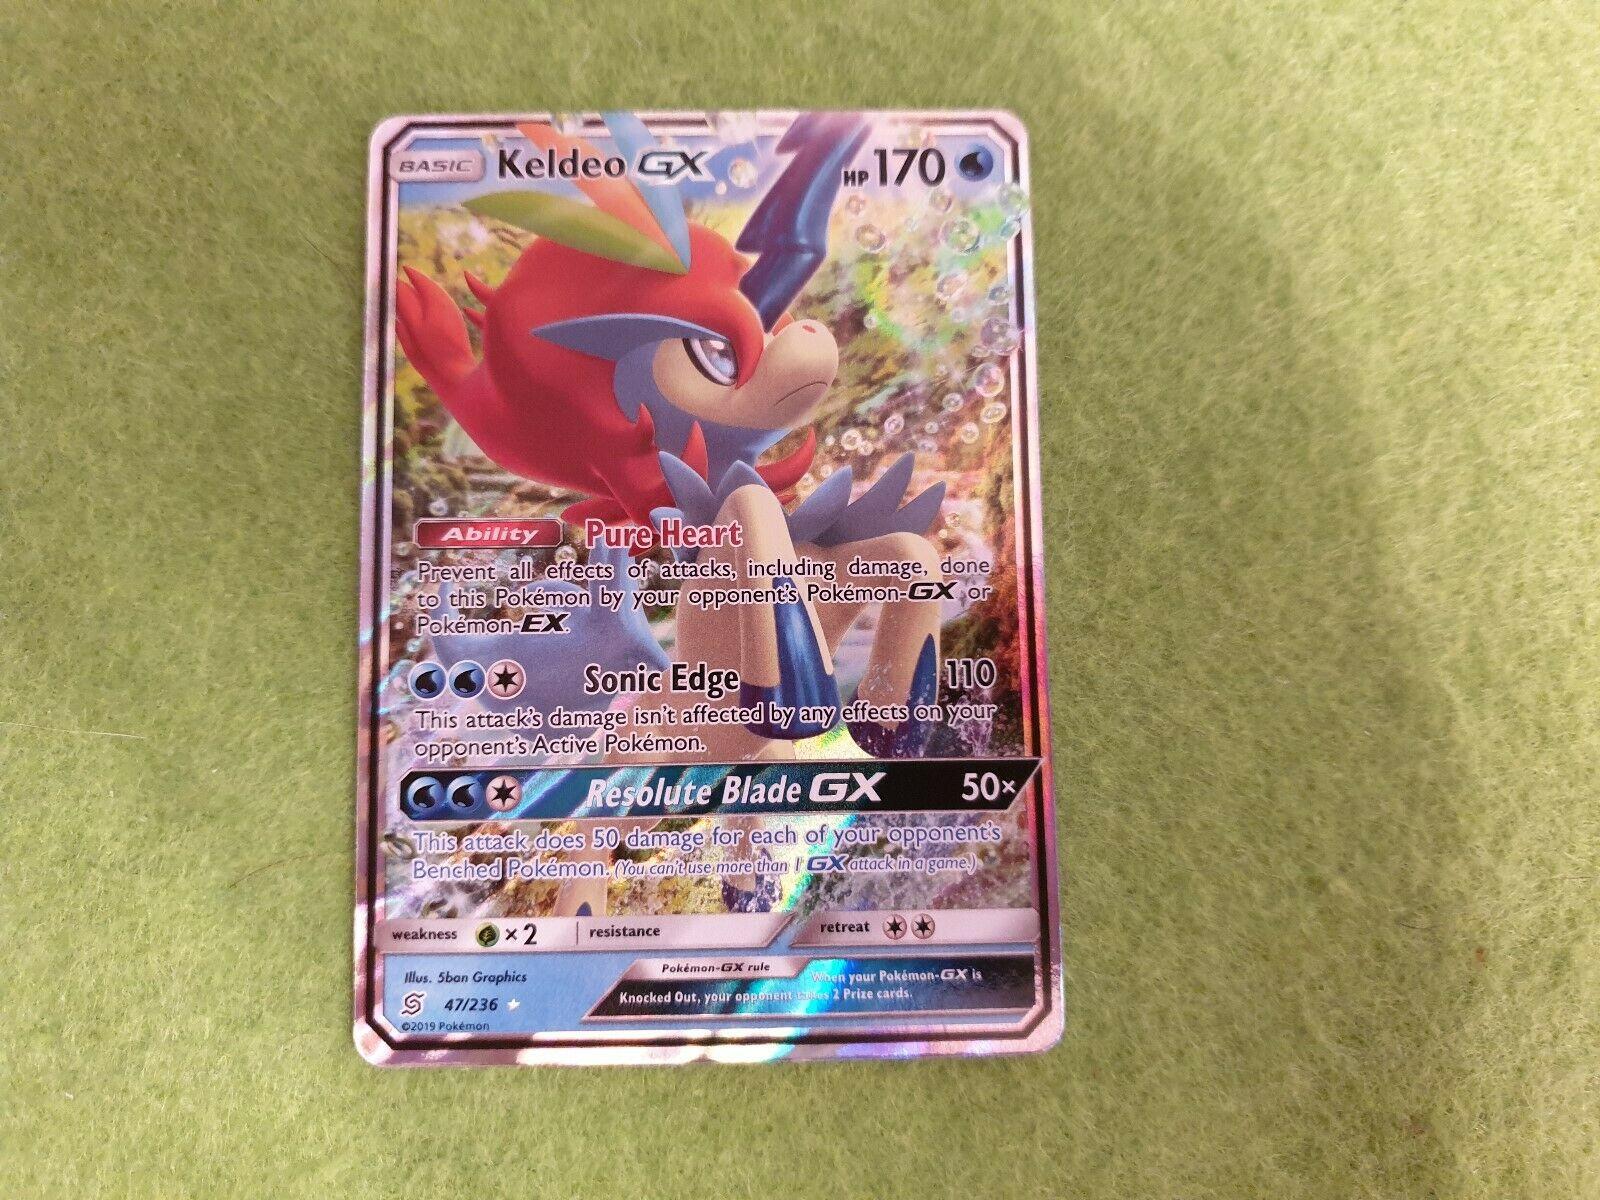 Pokemon TCG SM Unified Minds 47//236 Keldeo GX Holofoil Rare Card